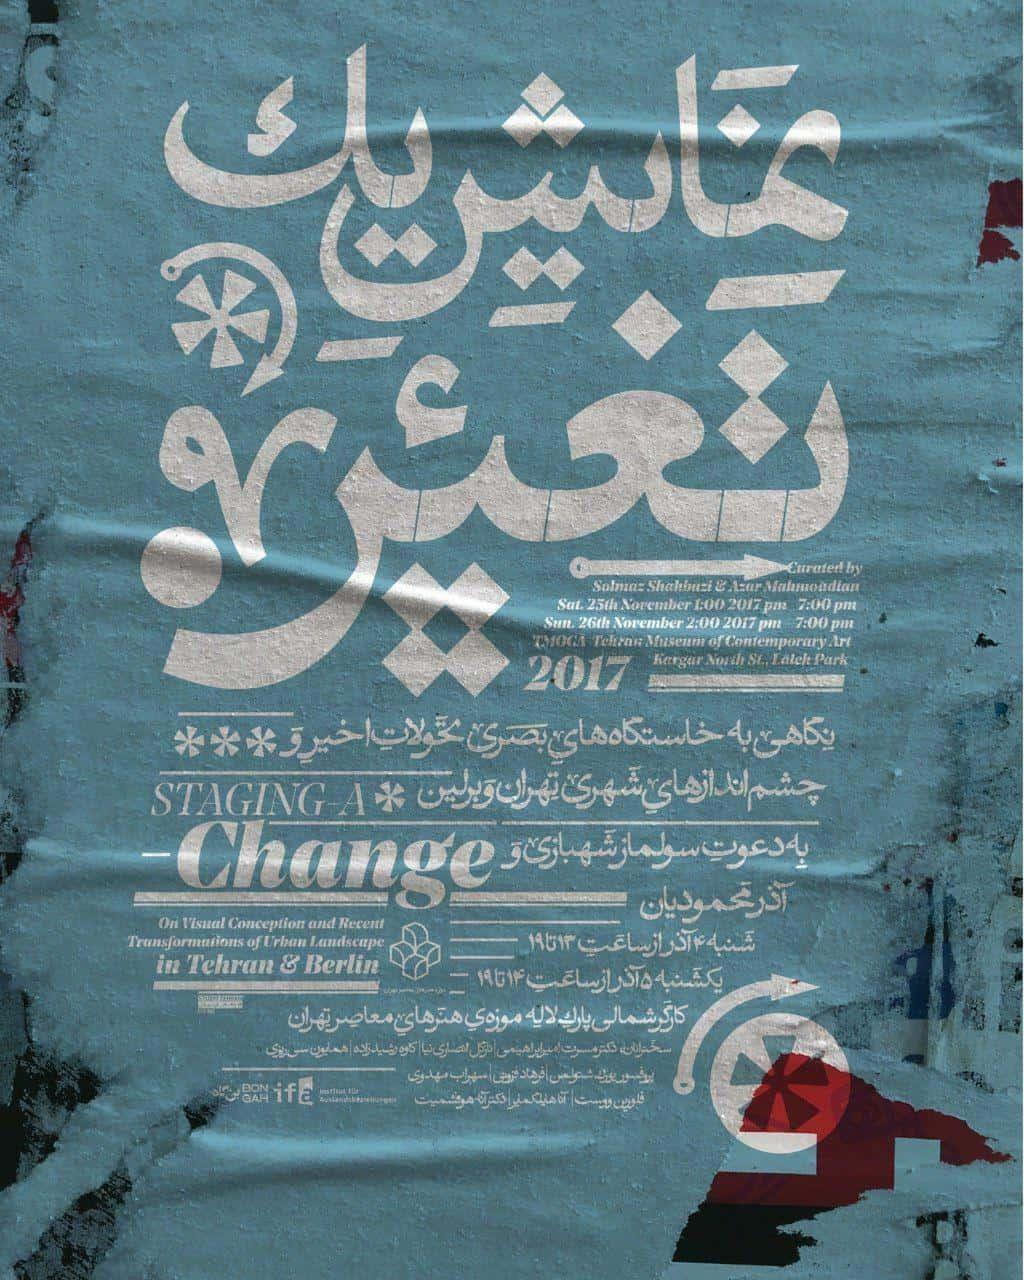 نگاهی به تغییر چشماندازهای تهران و برلین در دو گردهمایی